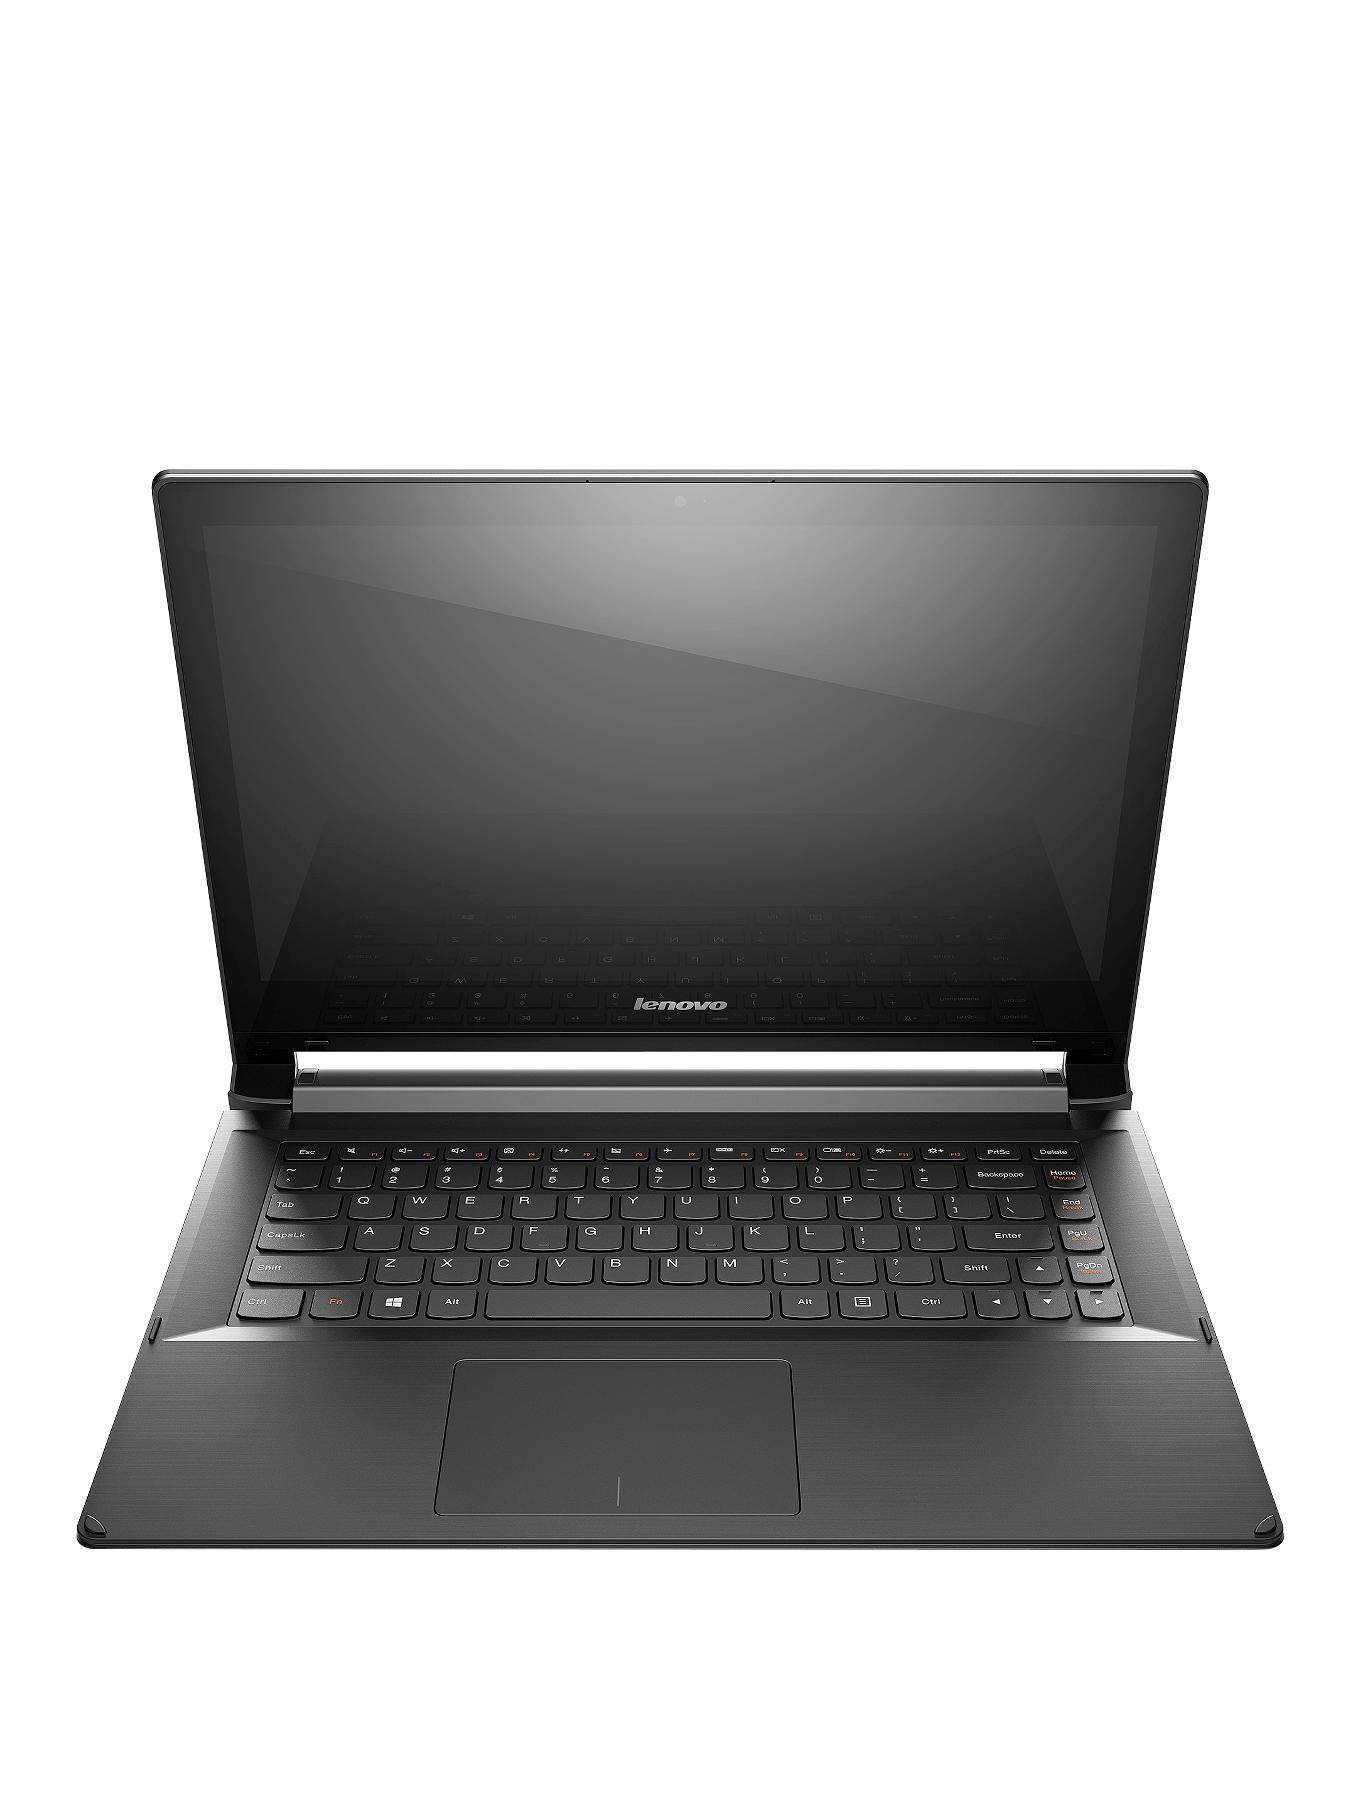 Laptop Riser Argos Lenovo 10 Lenovo Products K60726ww